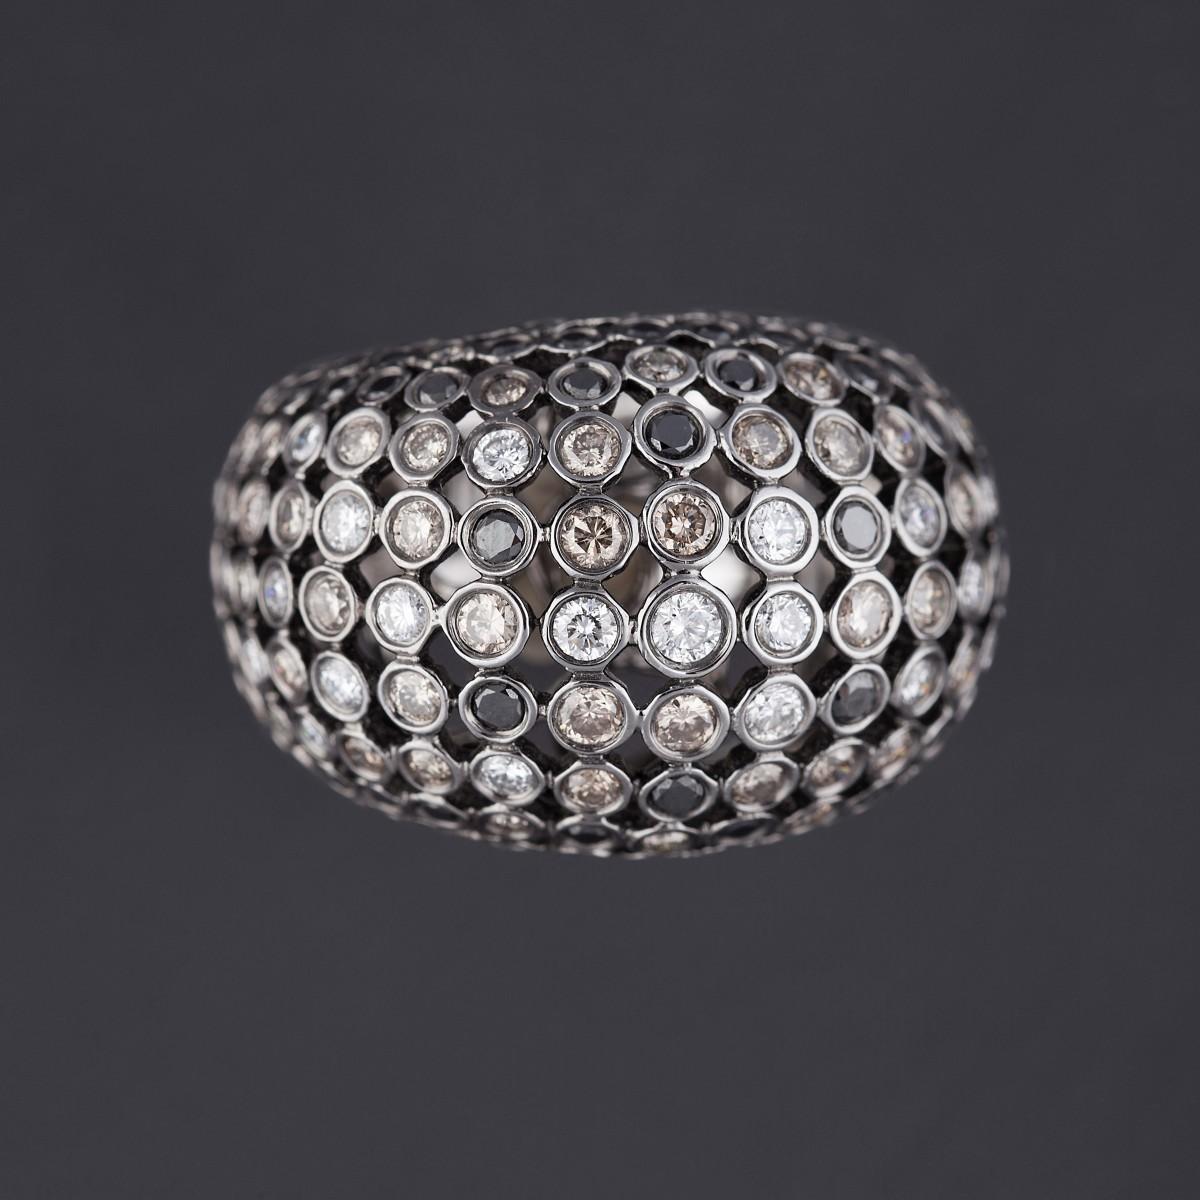 Connu Grosse Bague boule diamants OR79